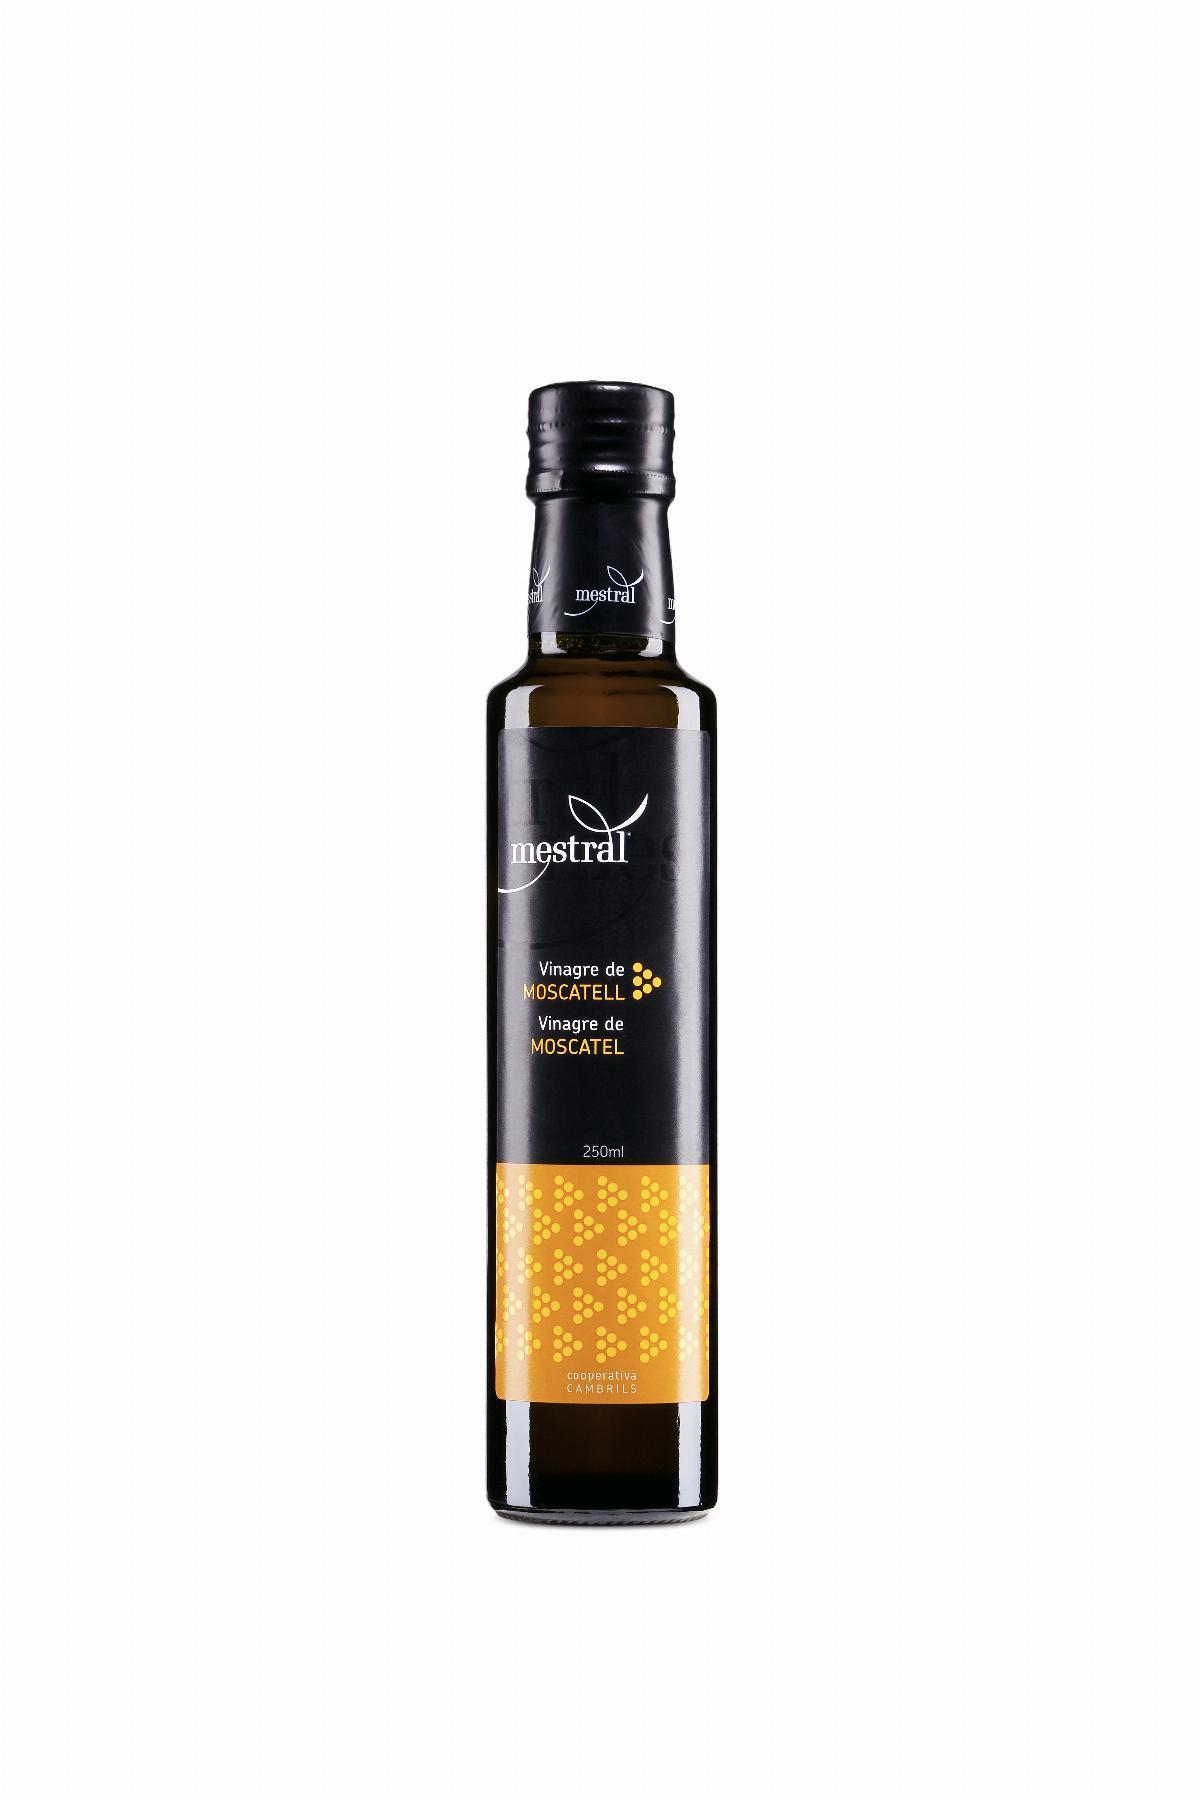 Vinegar - Mestral muscat vinegar bot. 250 ml - Mestral Cambrils